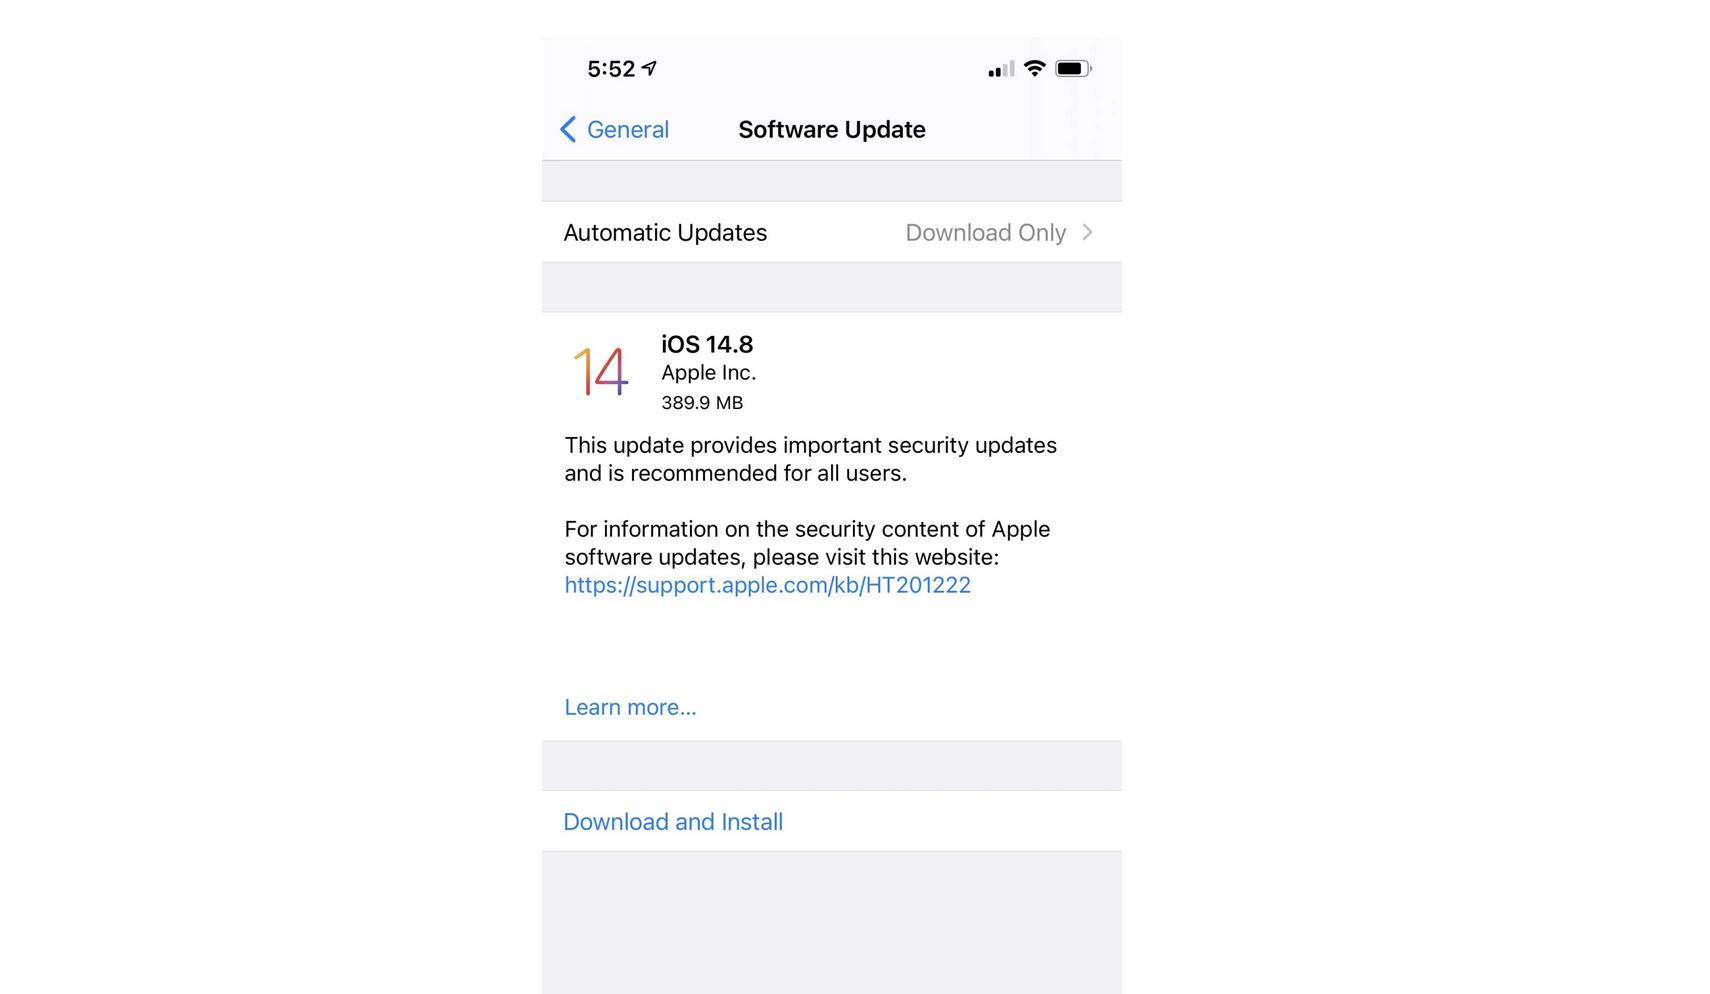 Thông tin về bản cập nhật mới cho iPhone.